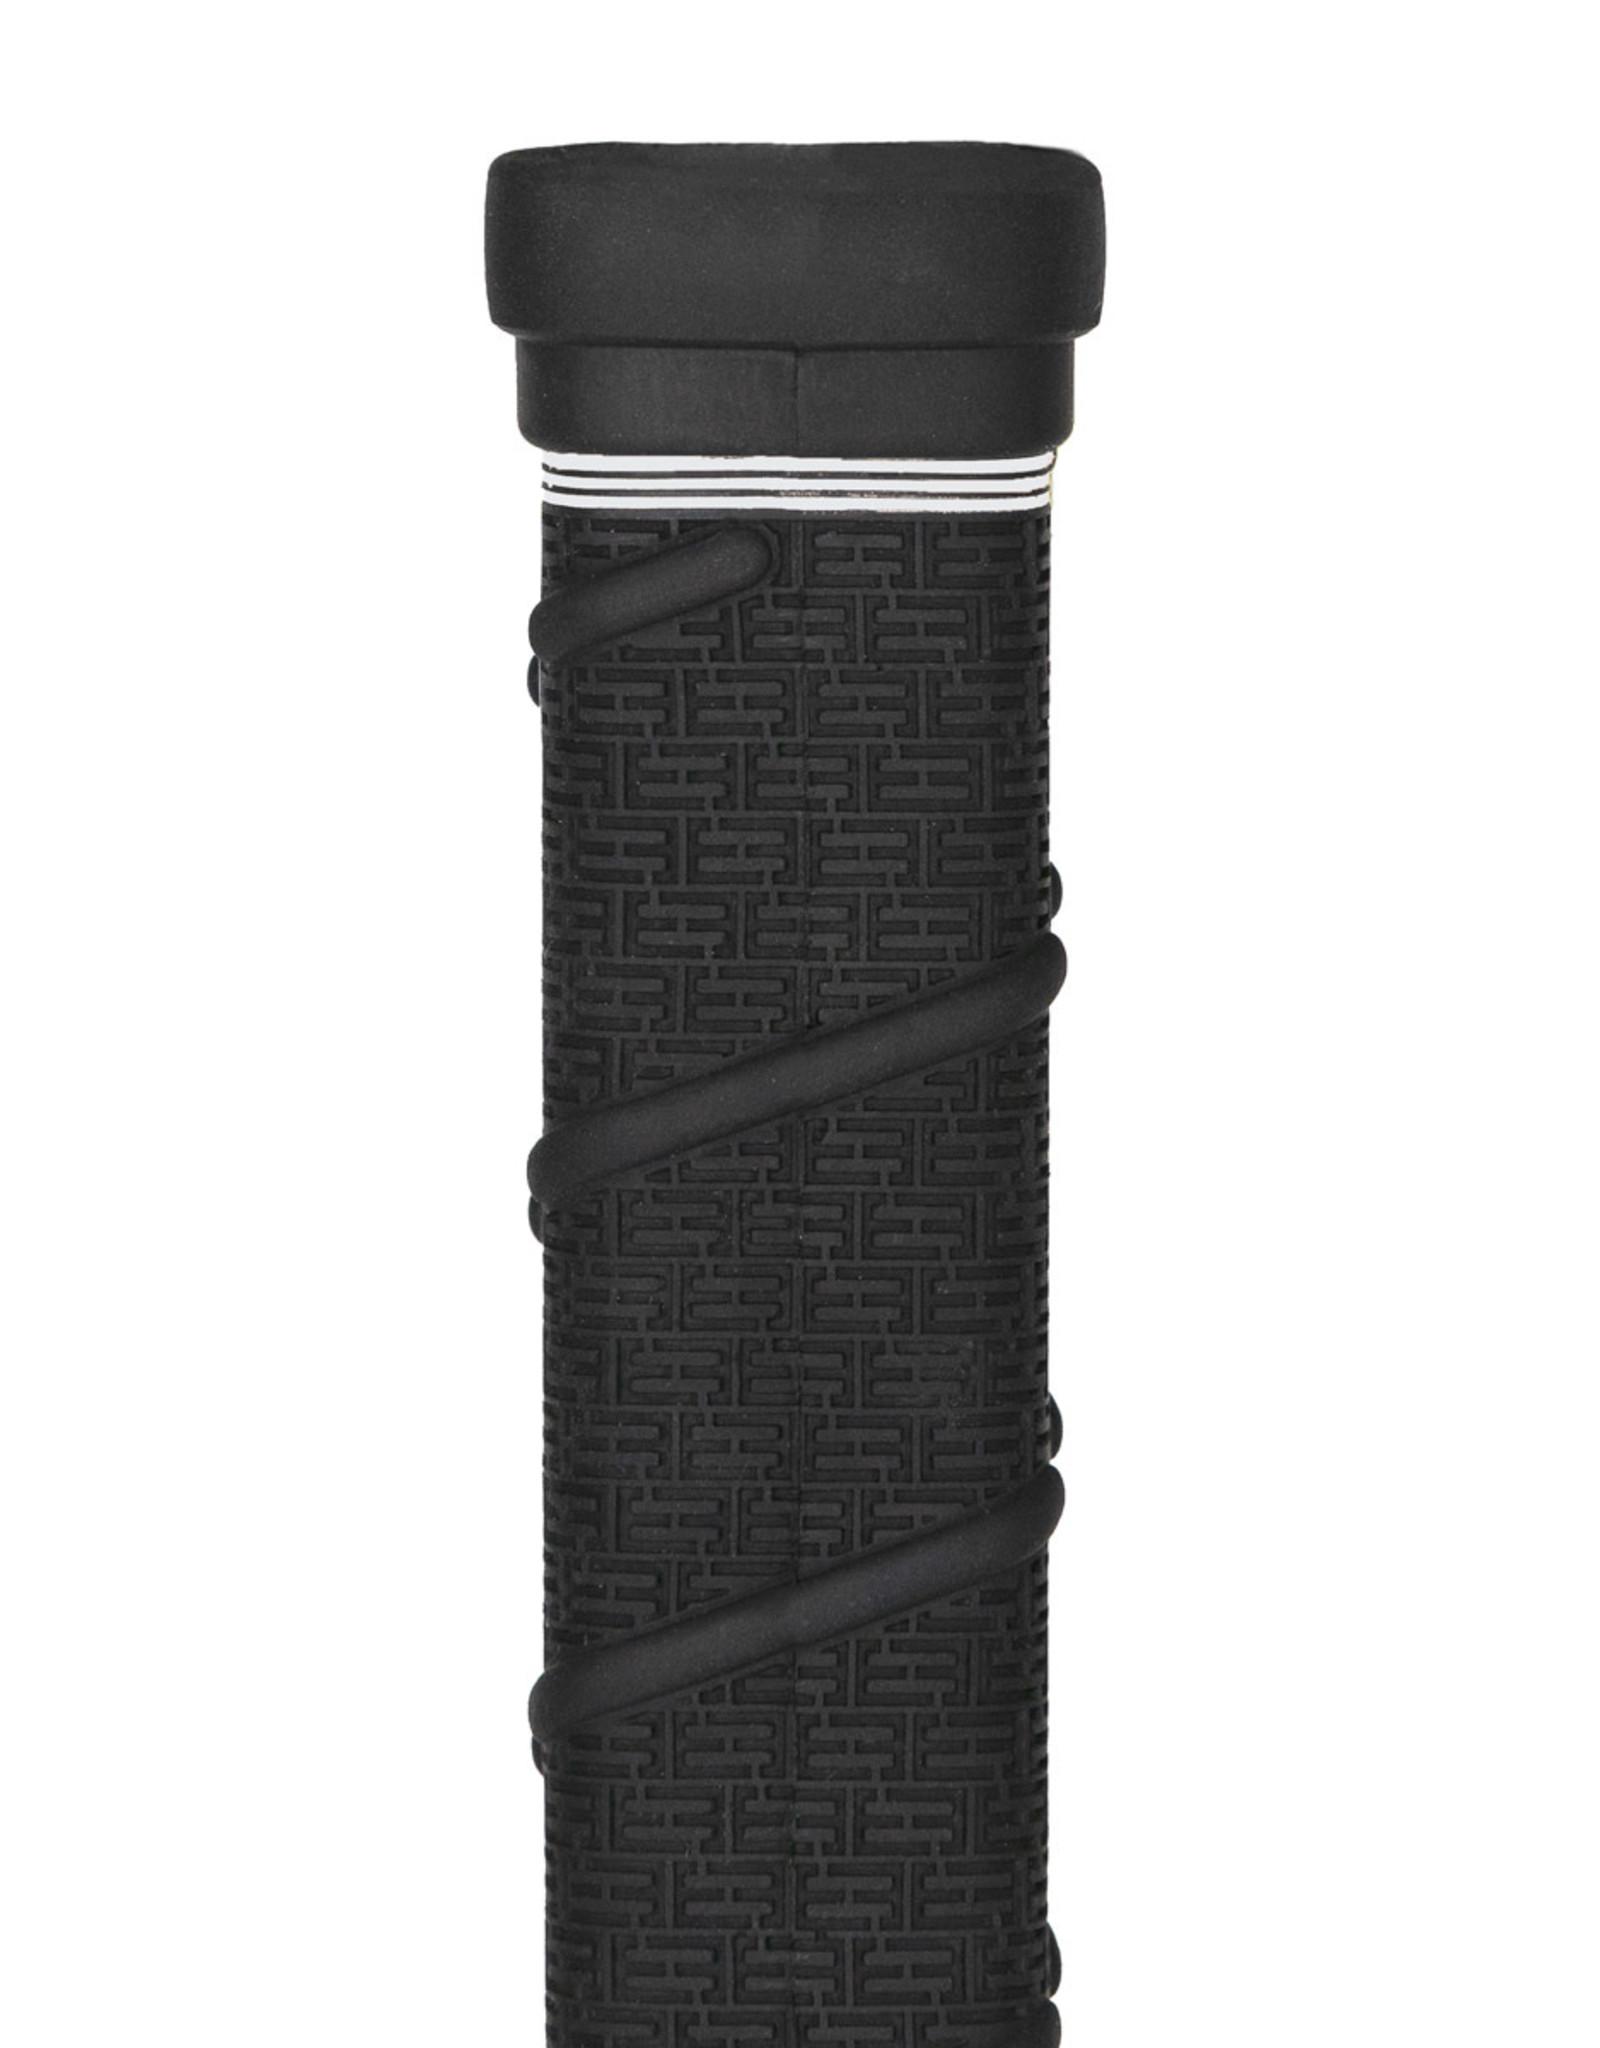 Buttendz Buttendz Future Grip (Black/White)